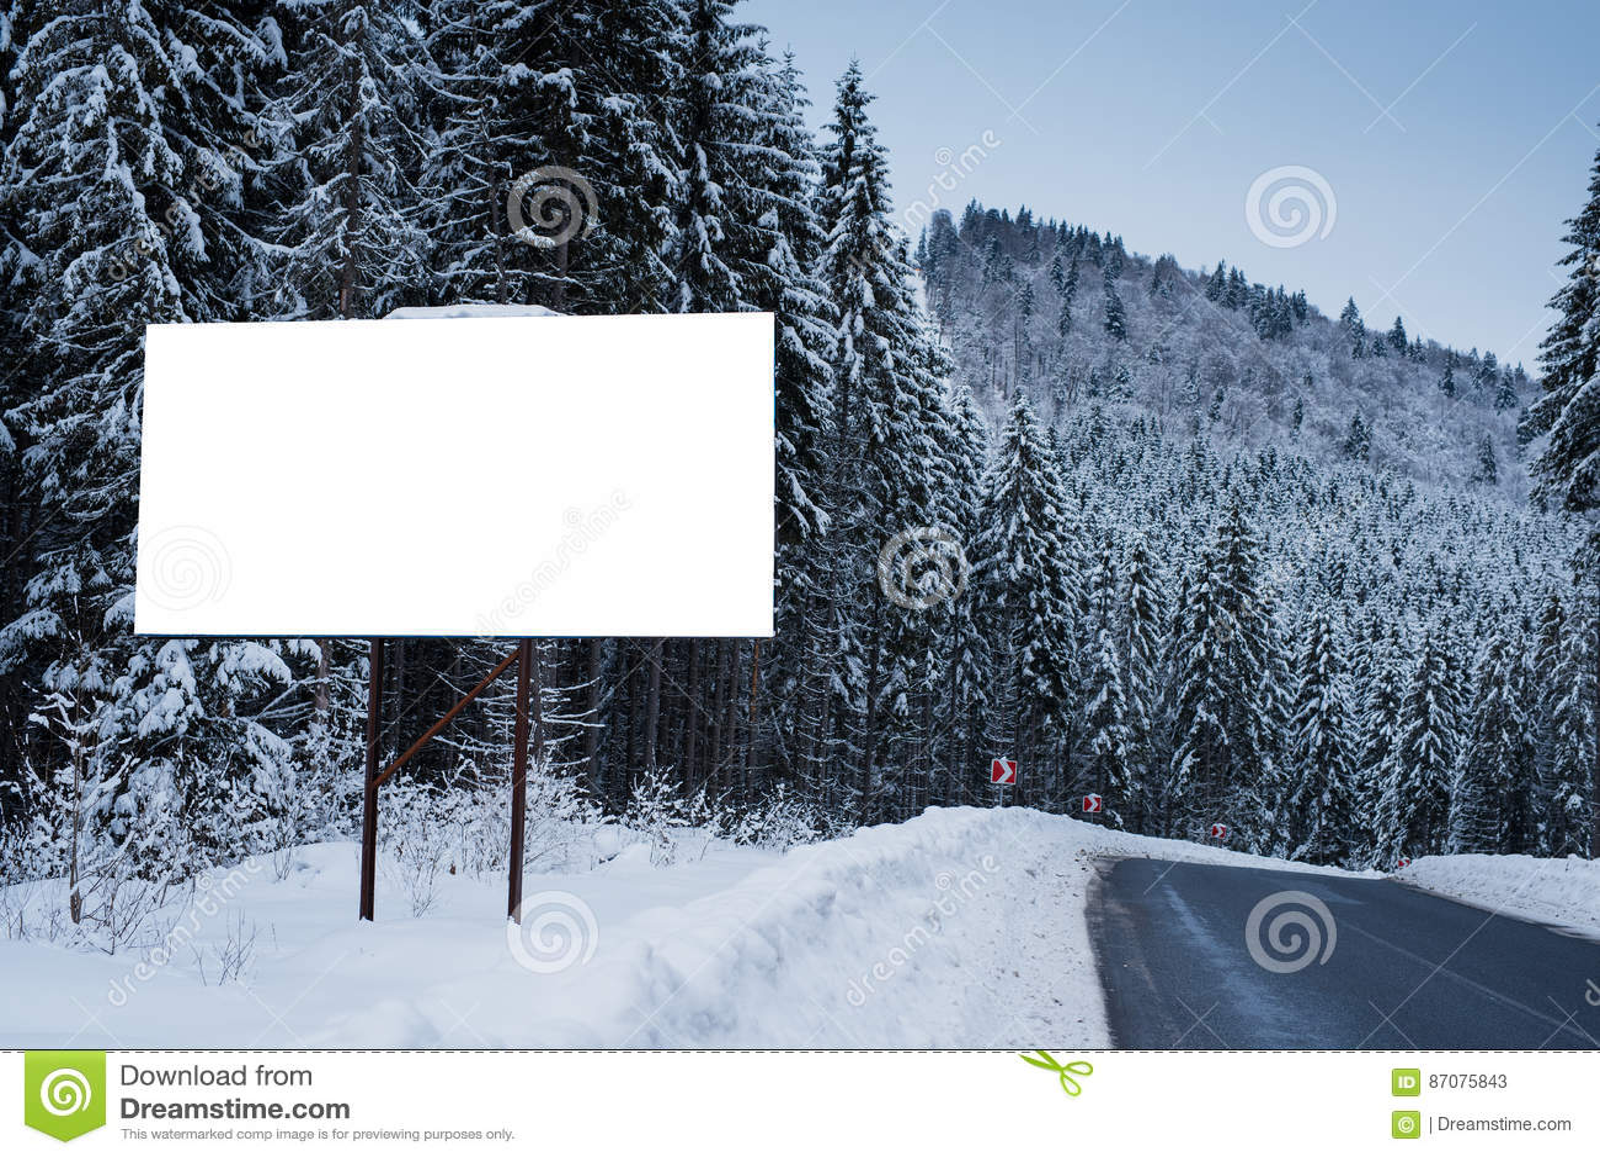 Κενός πίνακας διαφημίσεων για τη διαφήμιση της αφίσας στο υπόβαθρο των χιονωδών δέντρων Χειμερινή εποχή σε μια ορεινή περιοχή